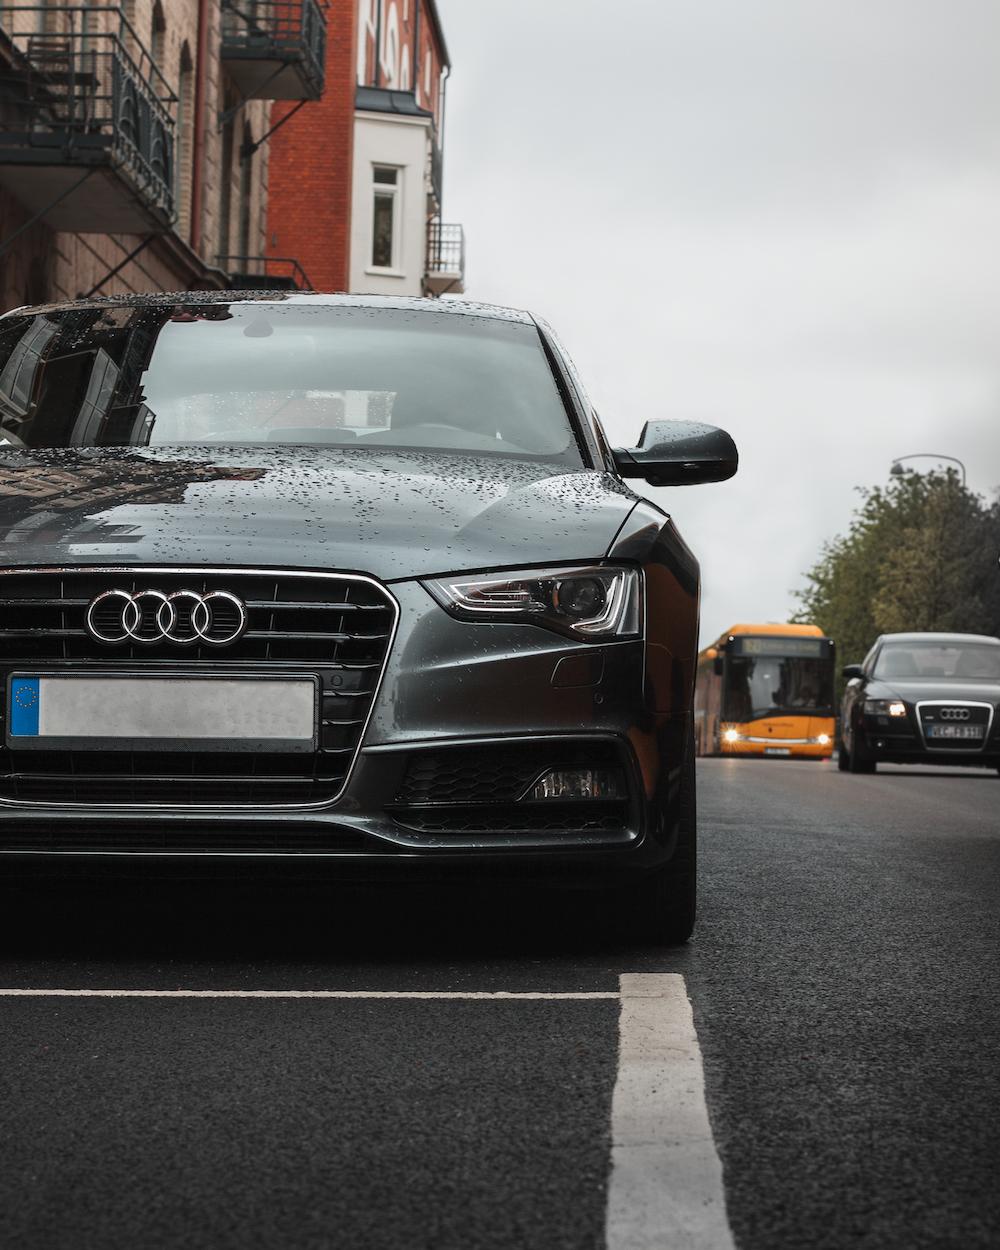 gray Audi sedan